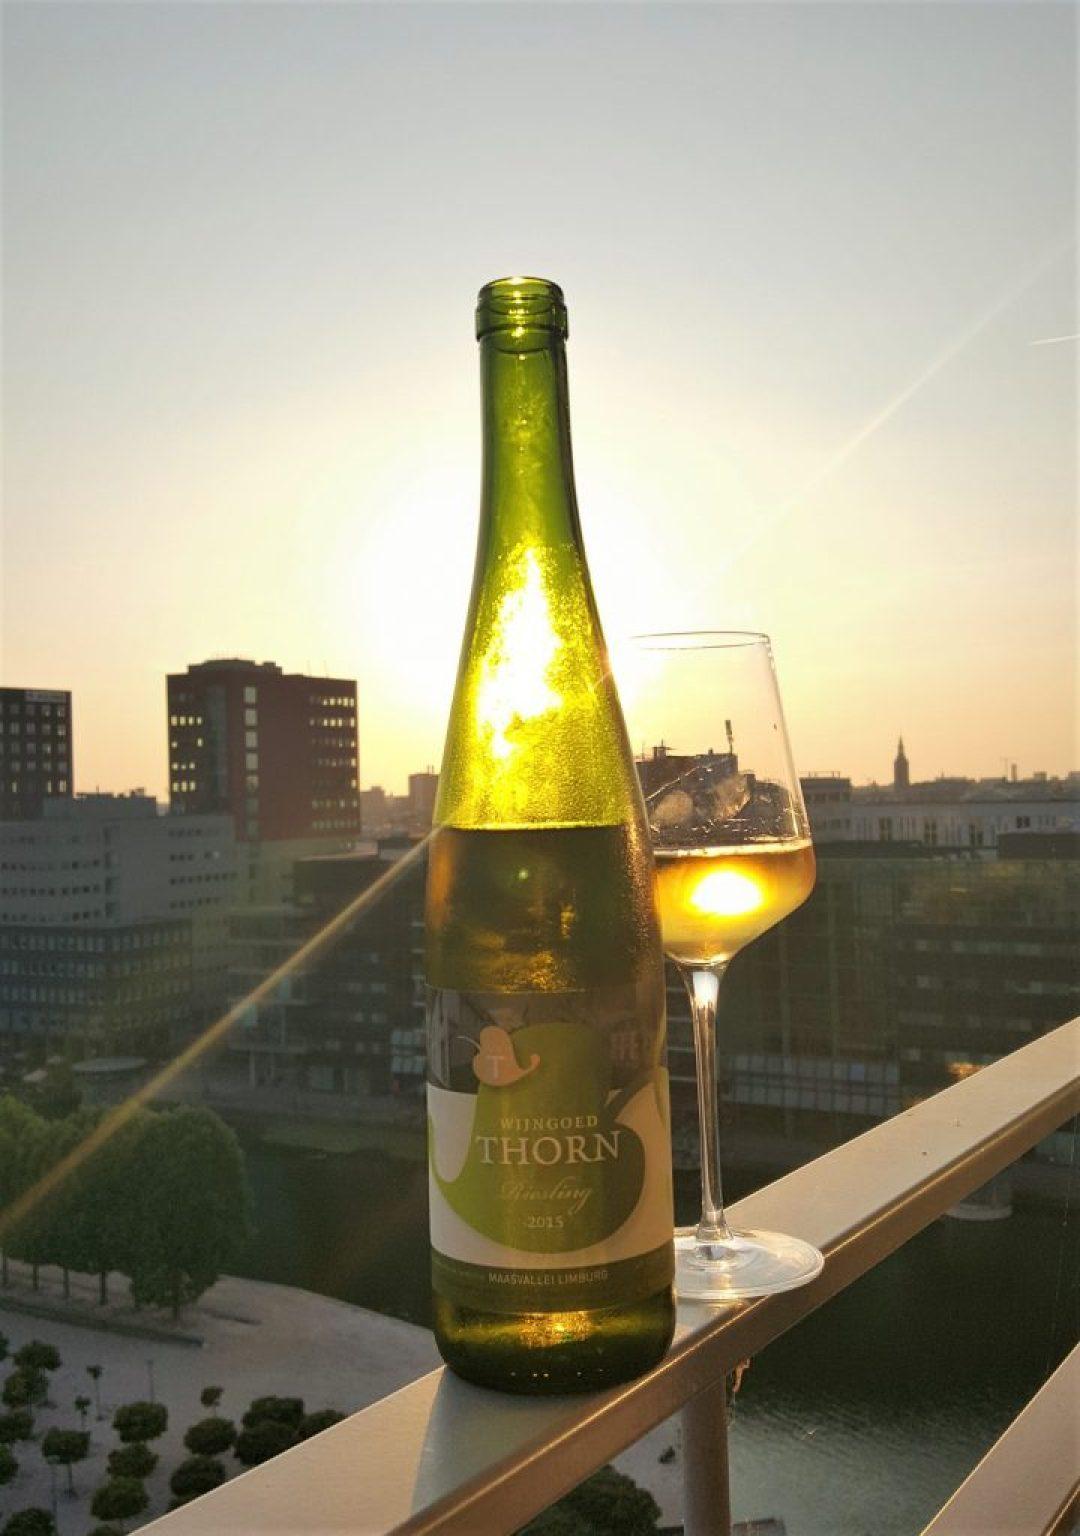 Beste Nederlandse wijn kopen tips: Thorn Riesling